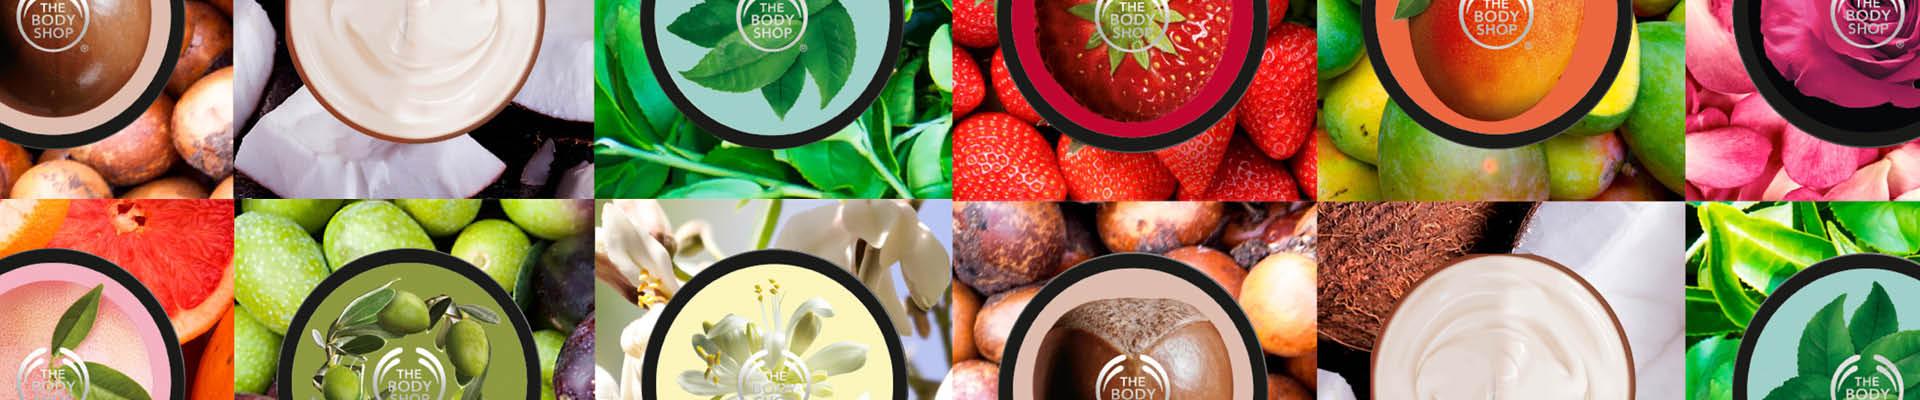 The Body Shop - Krem do ciała Japanese Cherry Blossom - oraz inne produkty